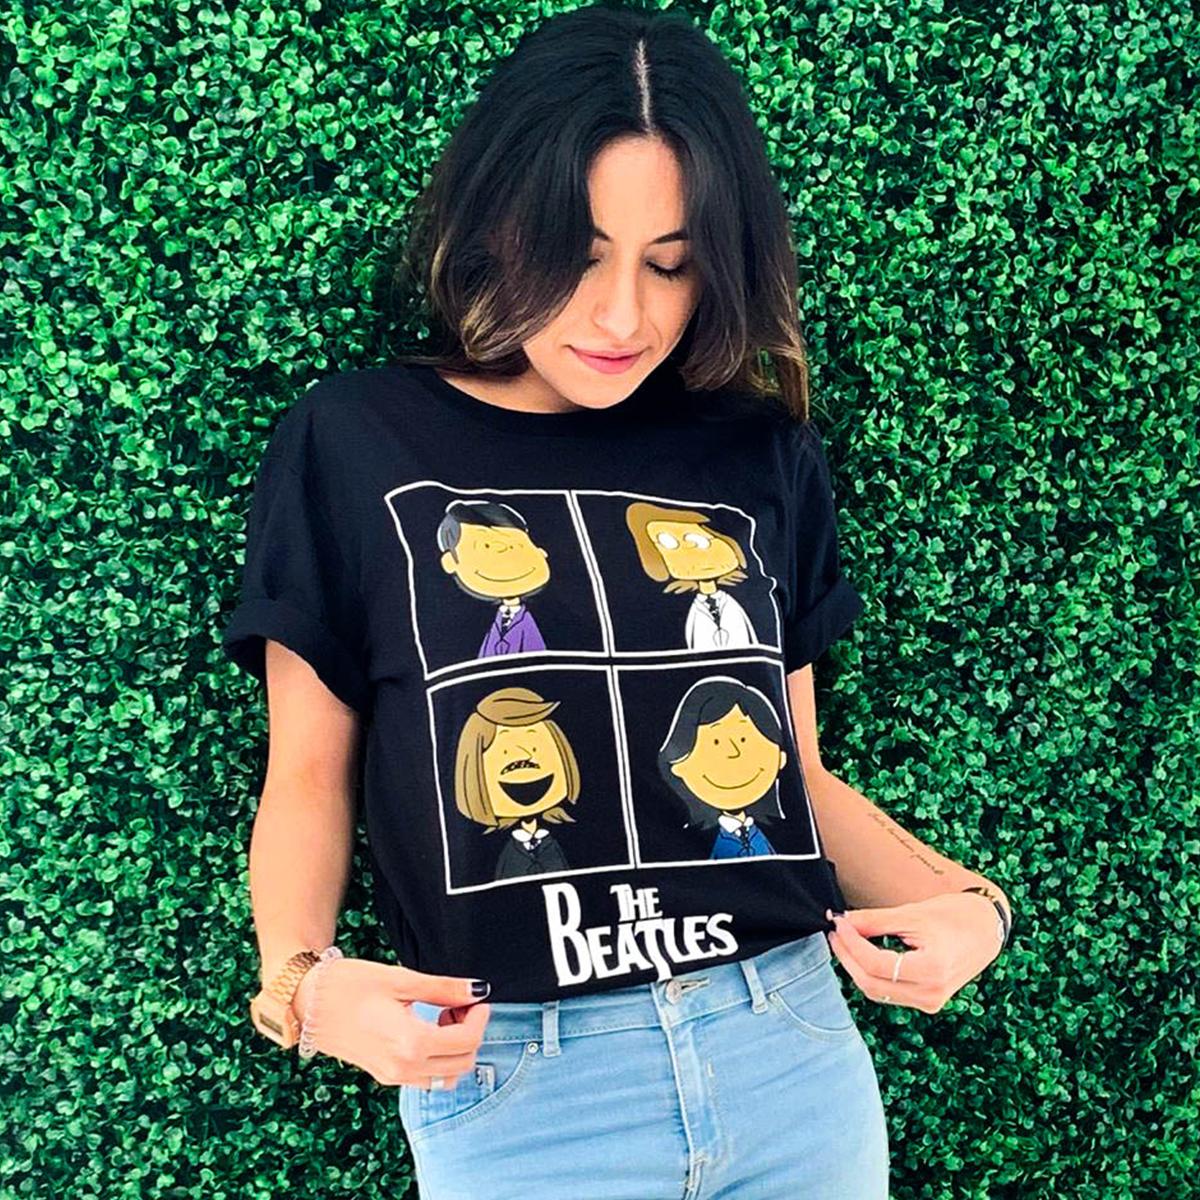 Fotografía del producto Snoopy The Beatles (36583)